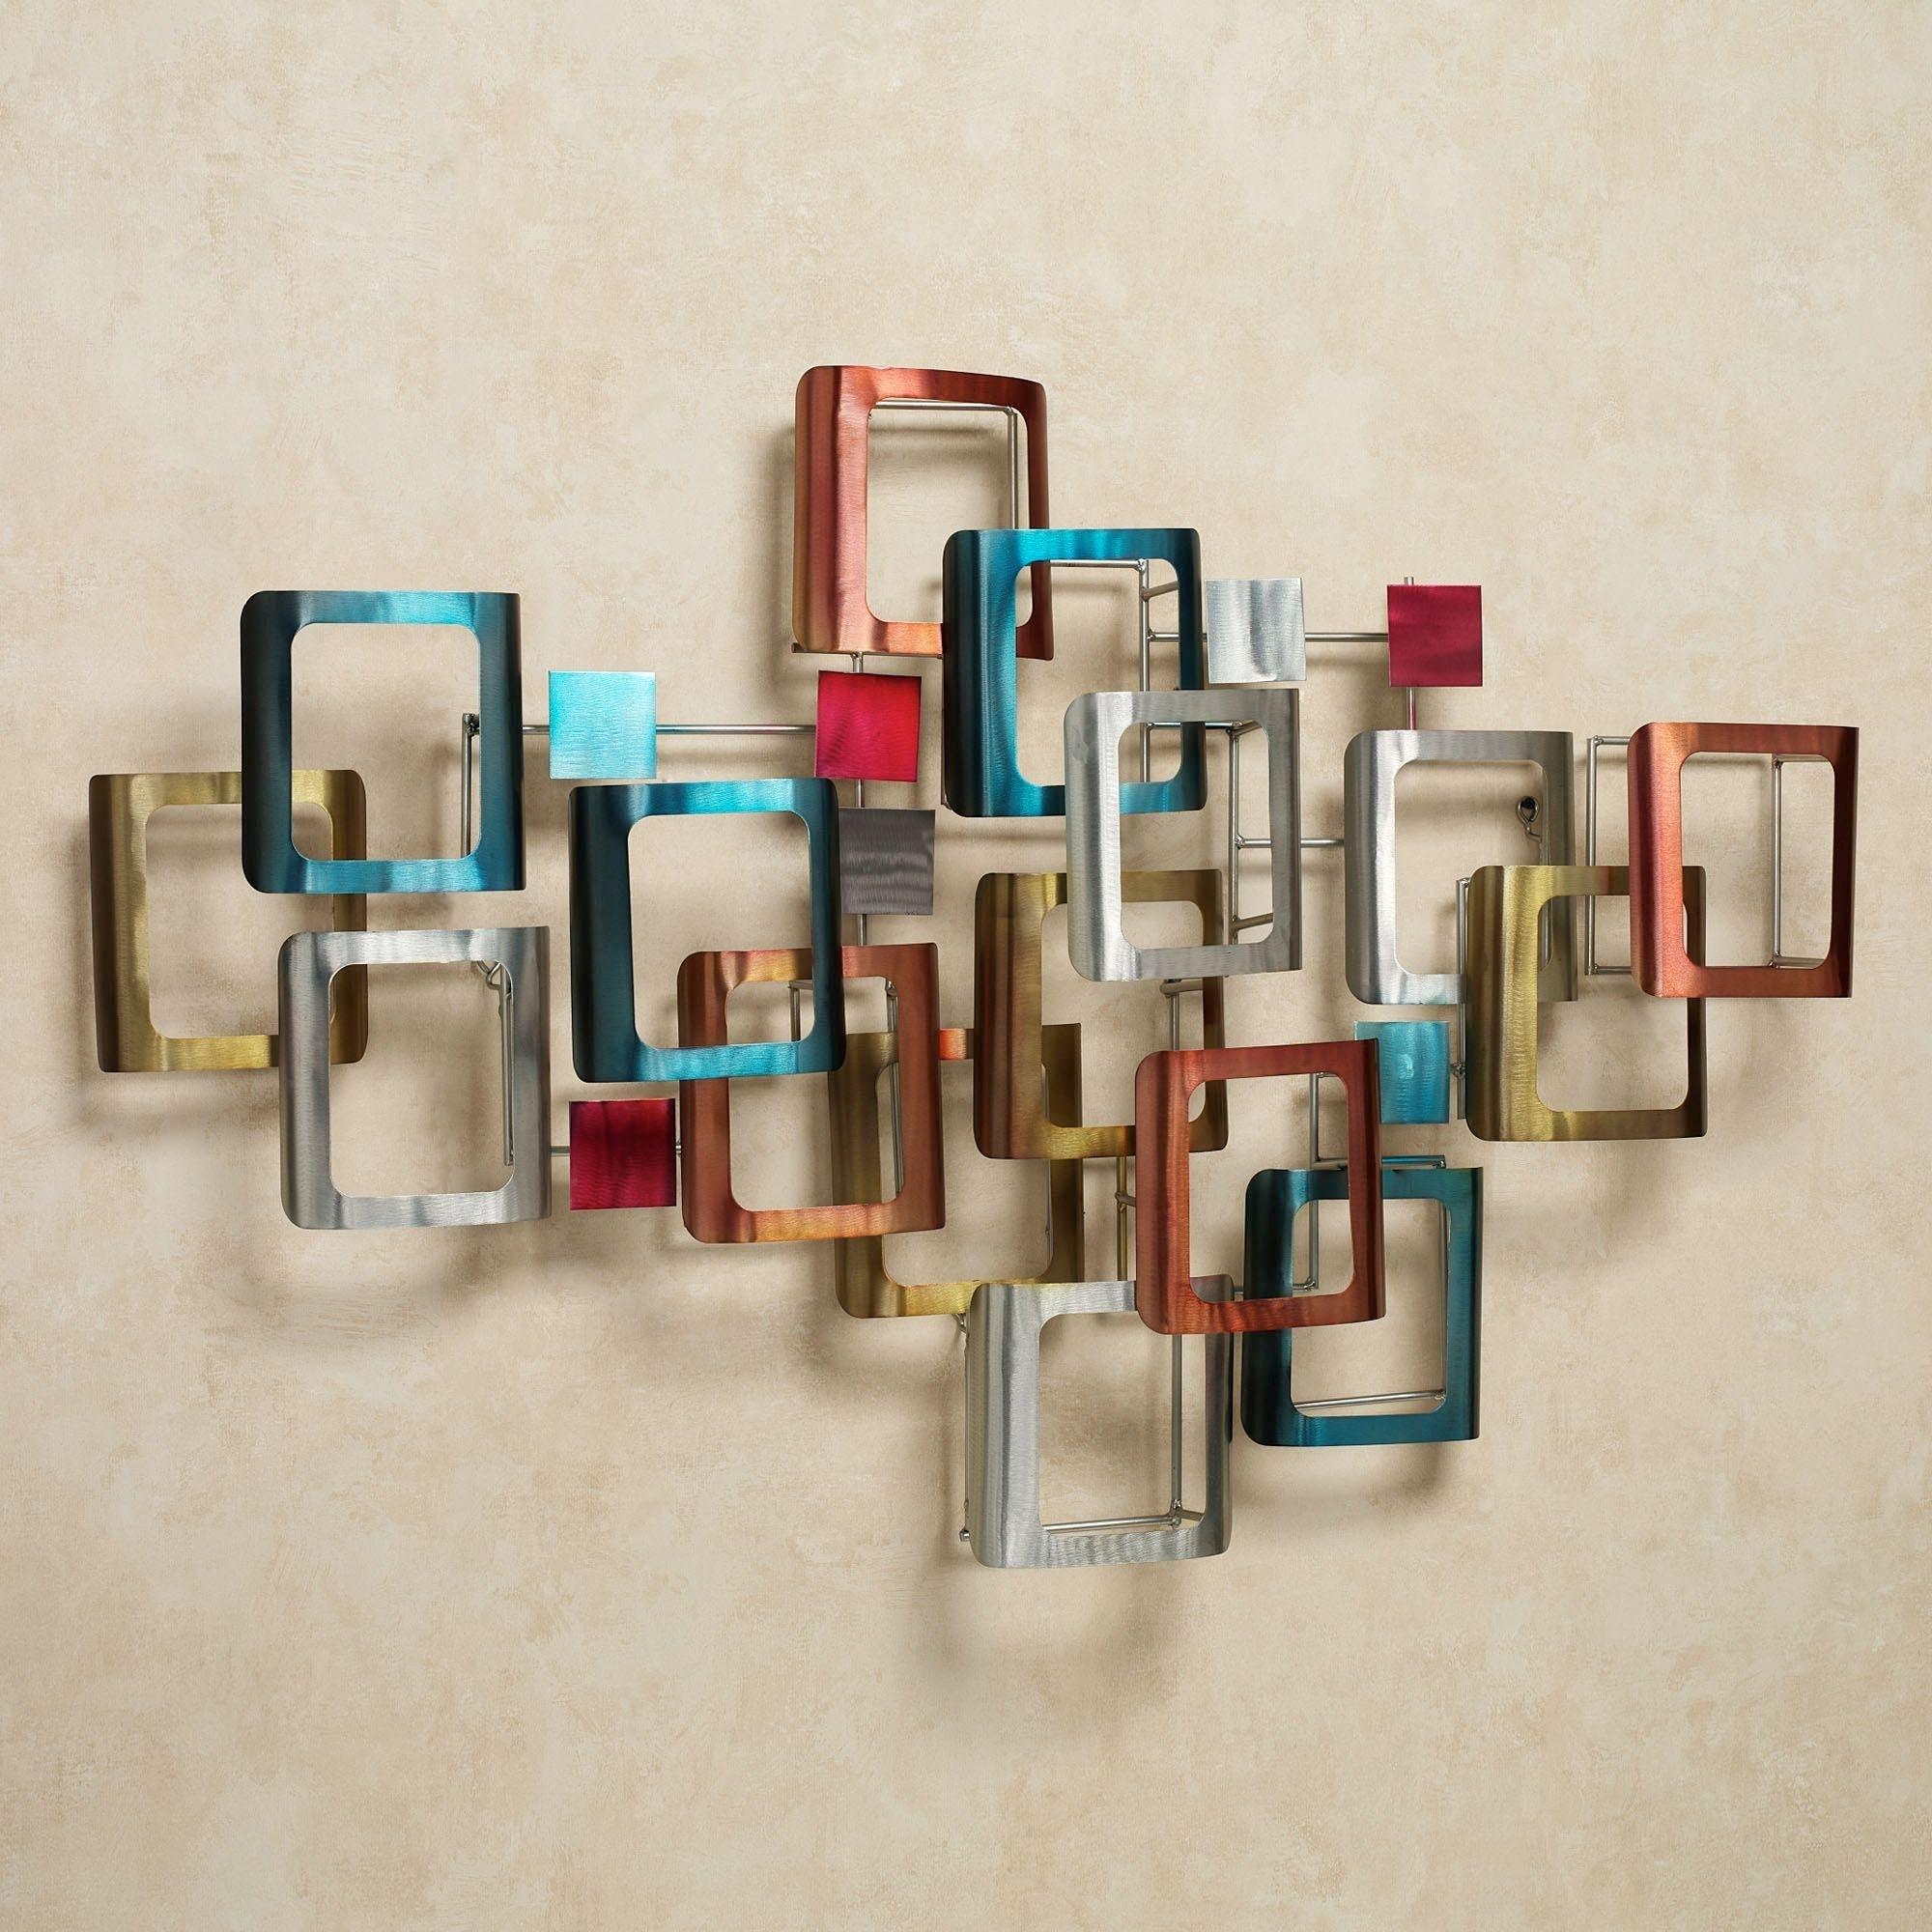 Pinterest Regarding Recent Sculpture Abstract Wall Art (Gallery 3 of 20)